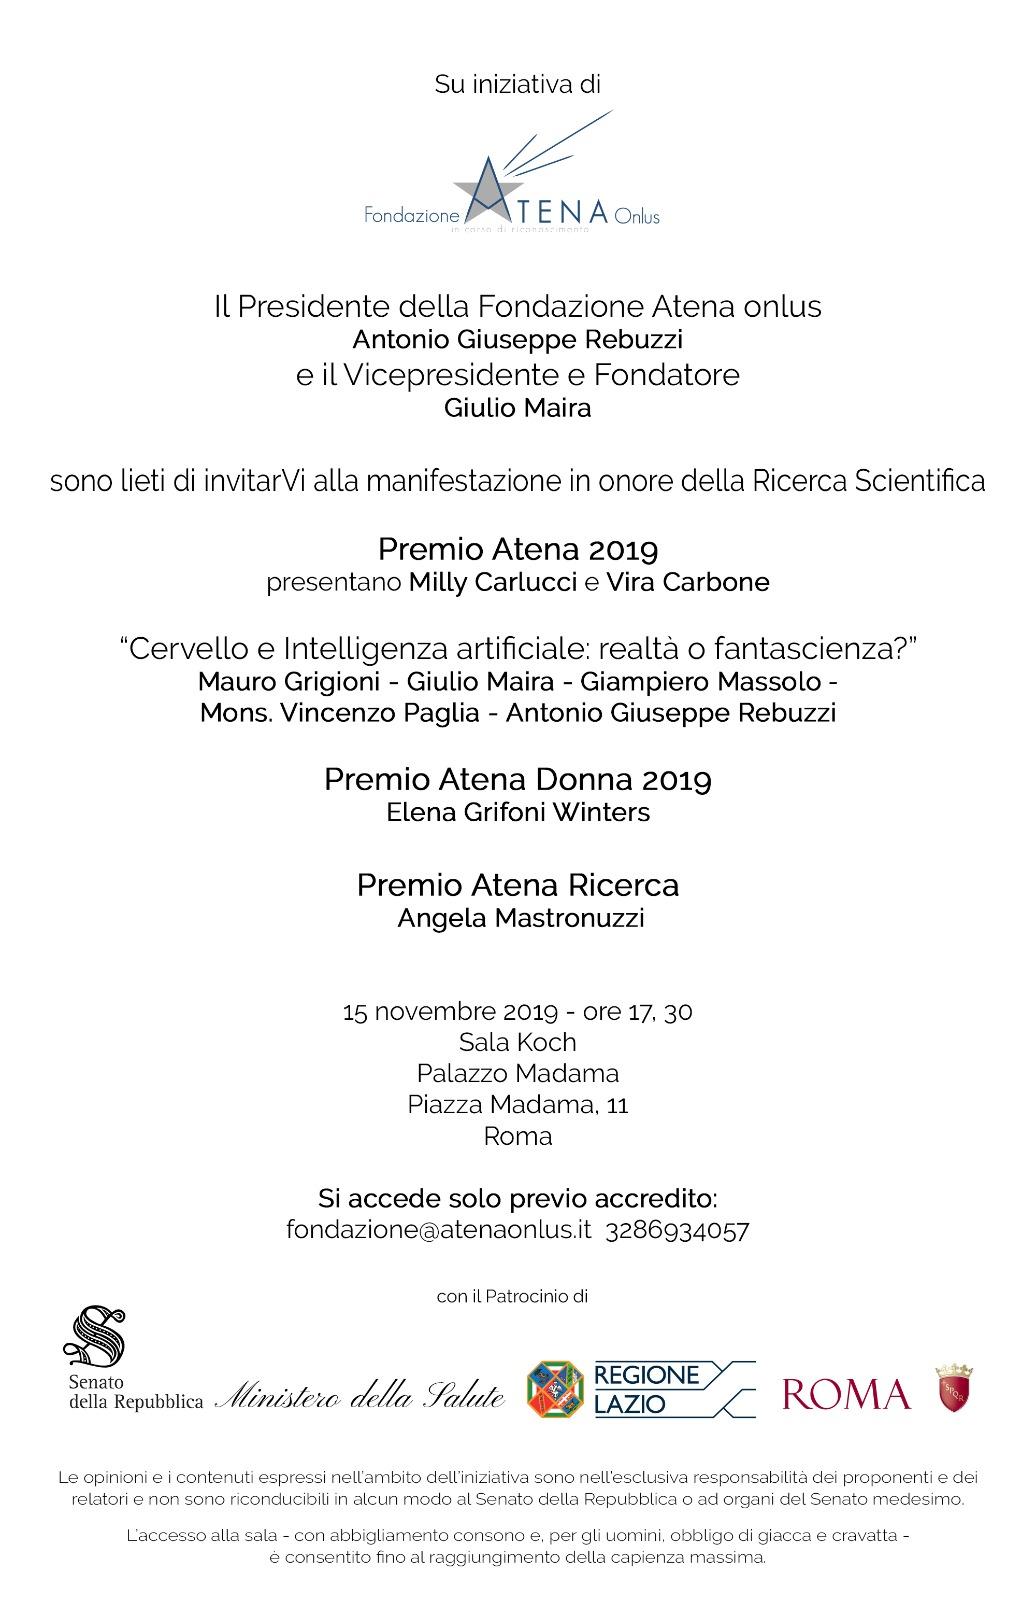 Invito Atena 2019 1511